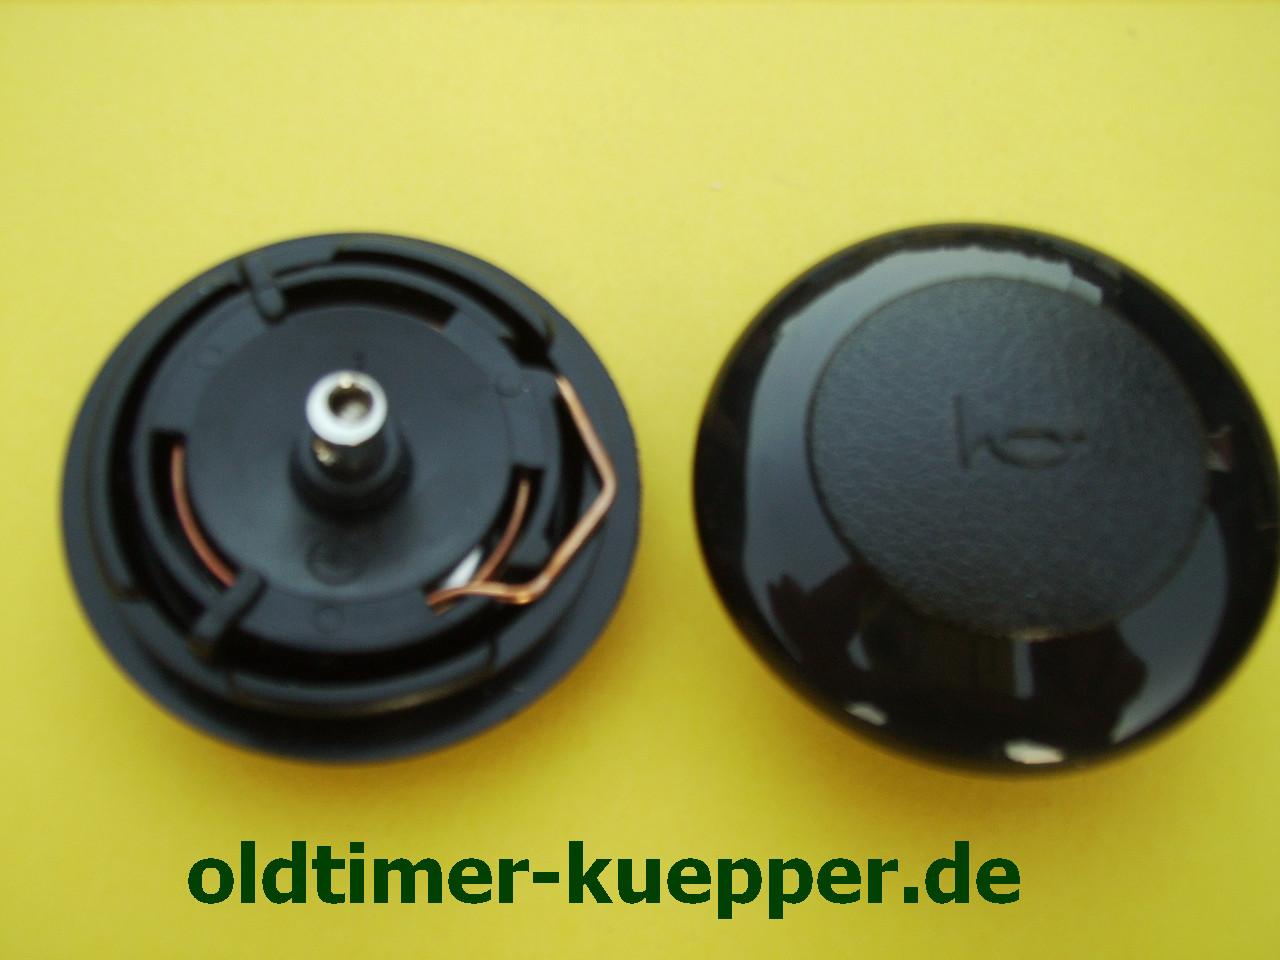 Hupenknopf Hupe Kunststoff Lenkradknopf Ersatz Hupenknopf f/ür den gr/ö/ßten Teil des Lenkrads Metall